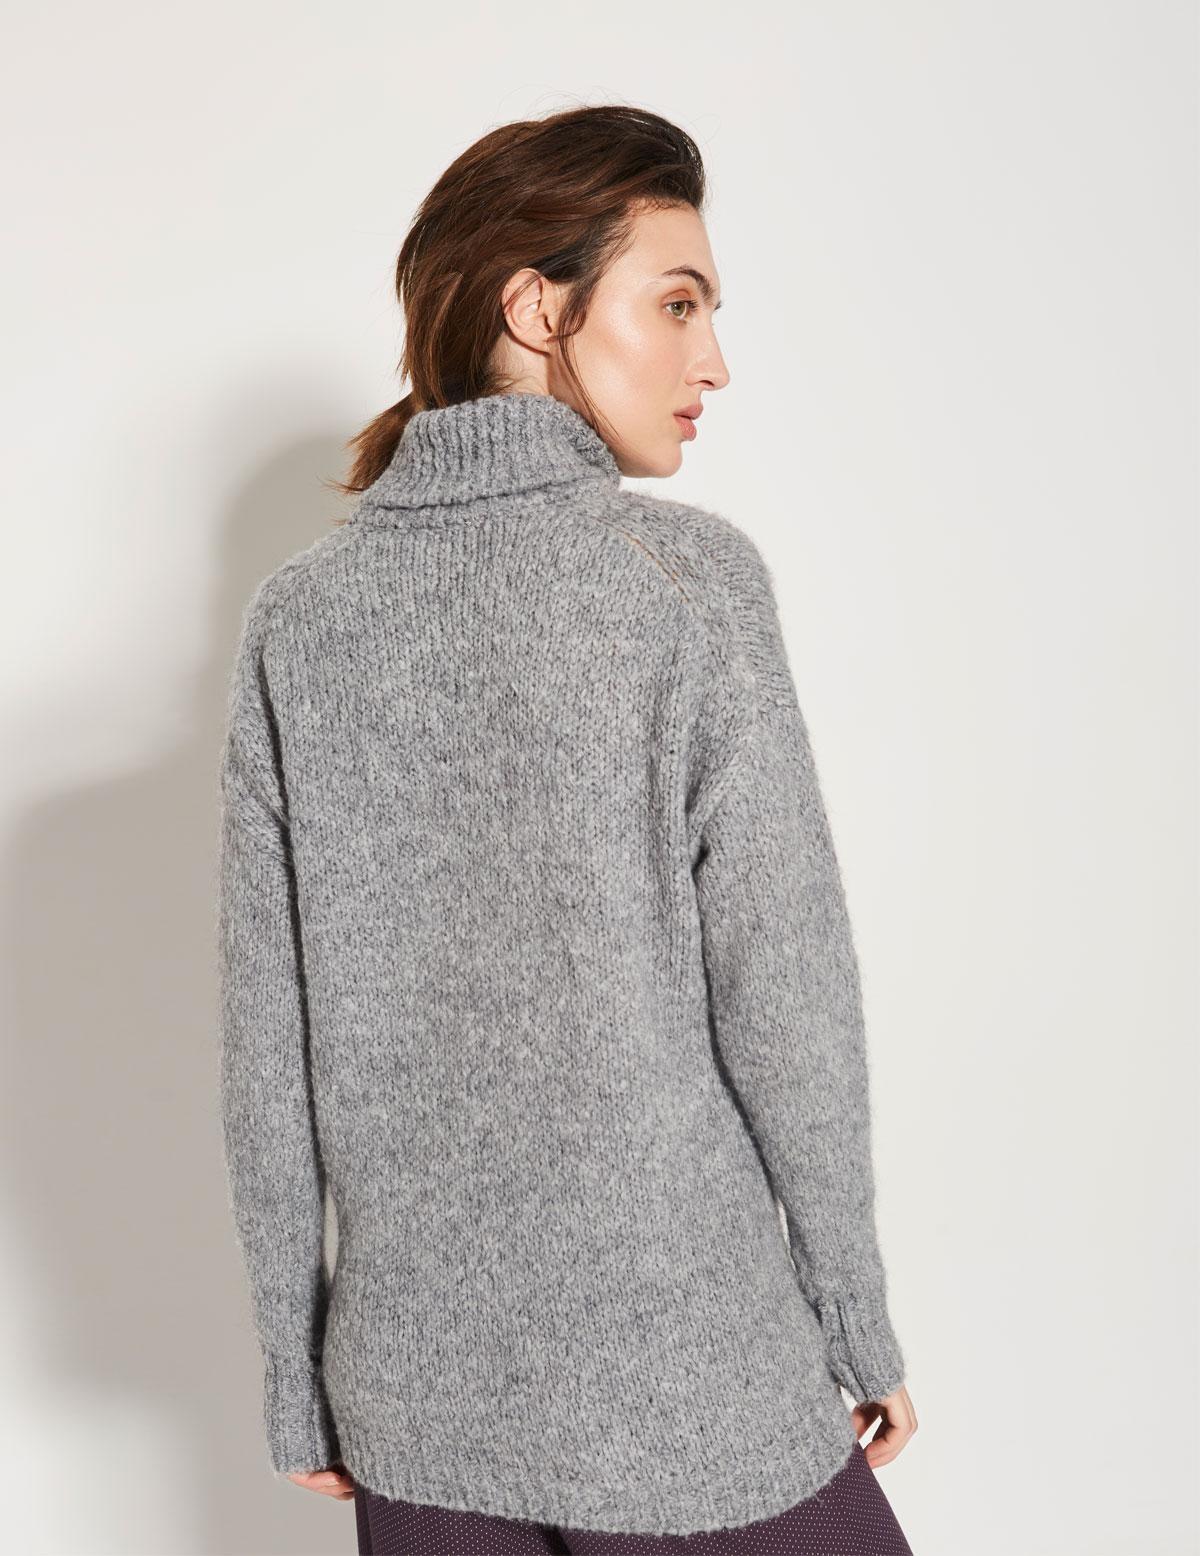 Jersey cuello alto y bolsillo - Ítem2